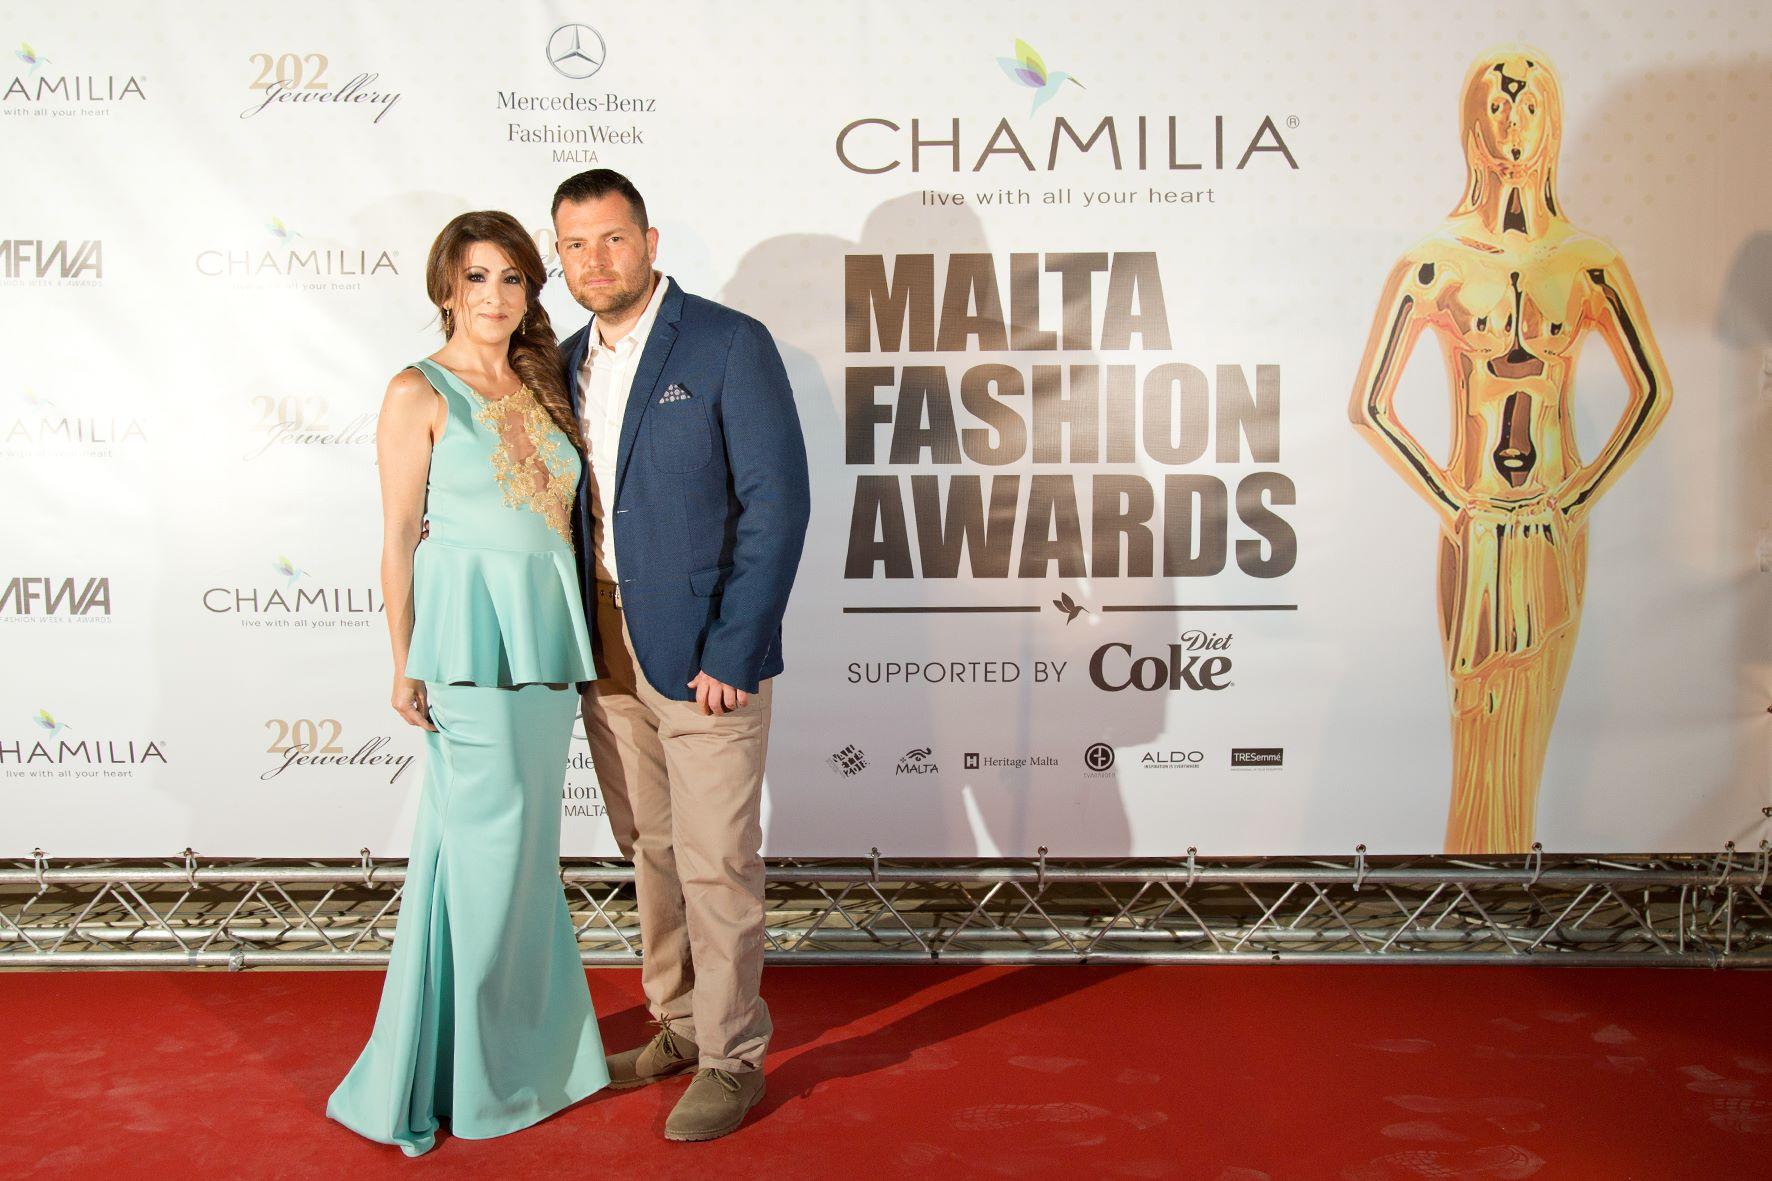 Malta Fashion Awards